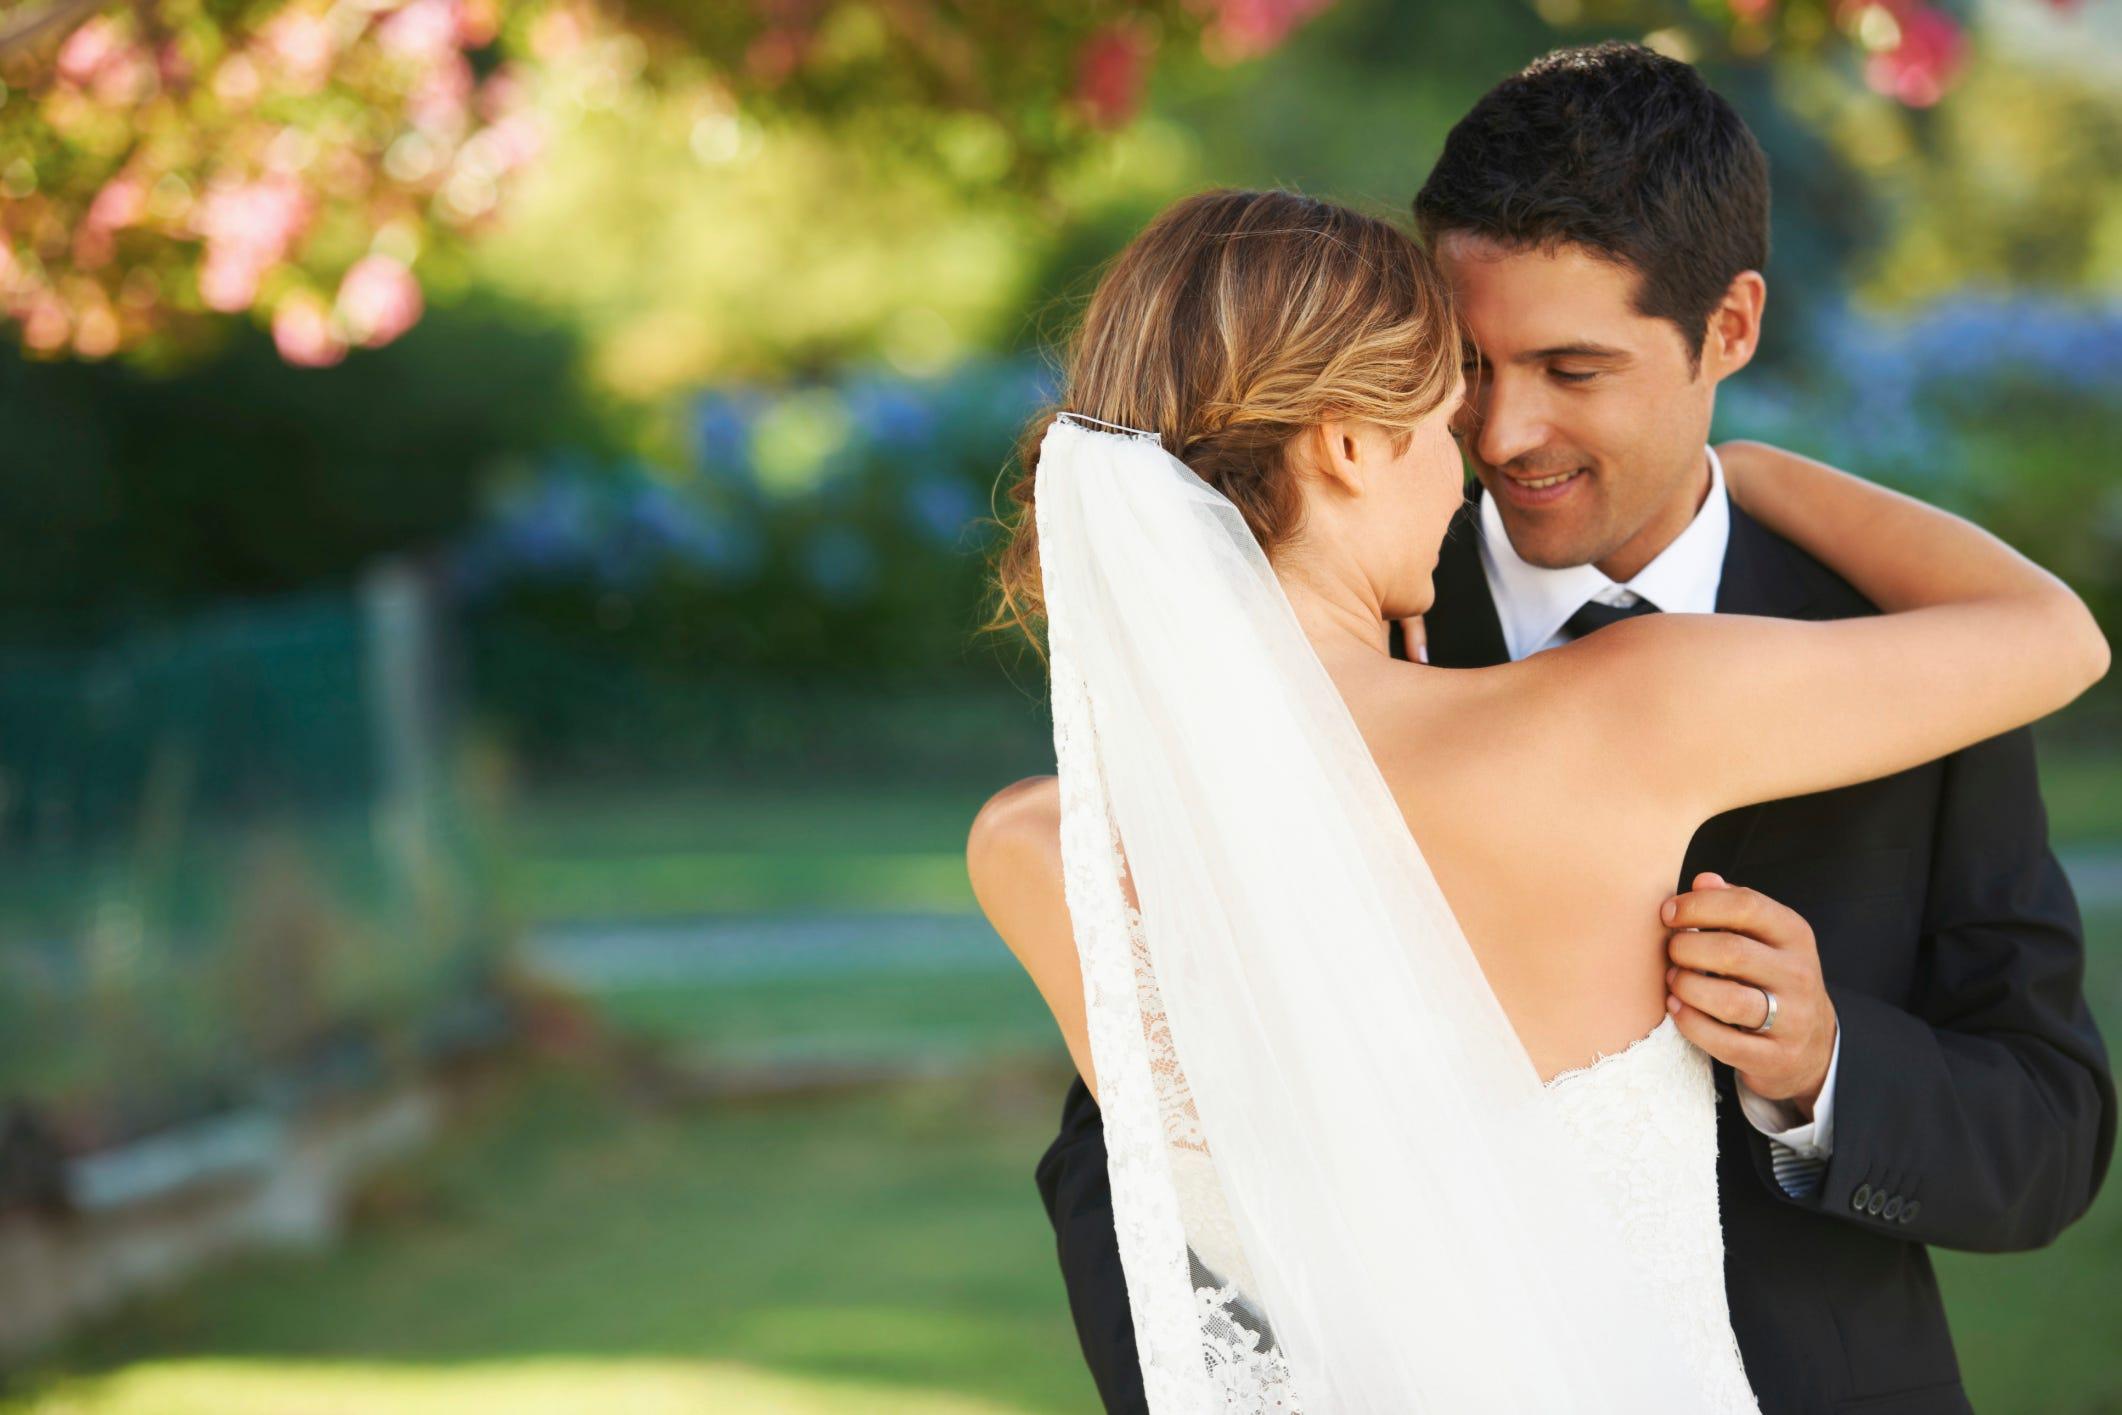 Marriage educator prenup advice successful women